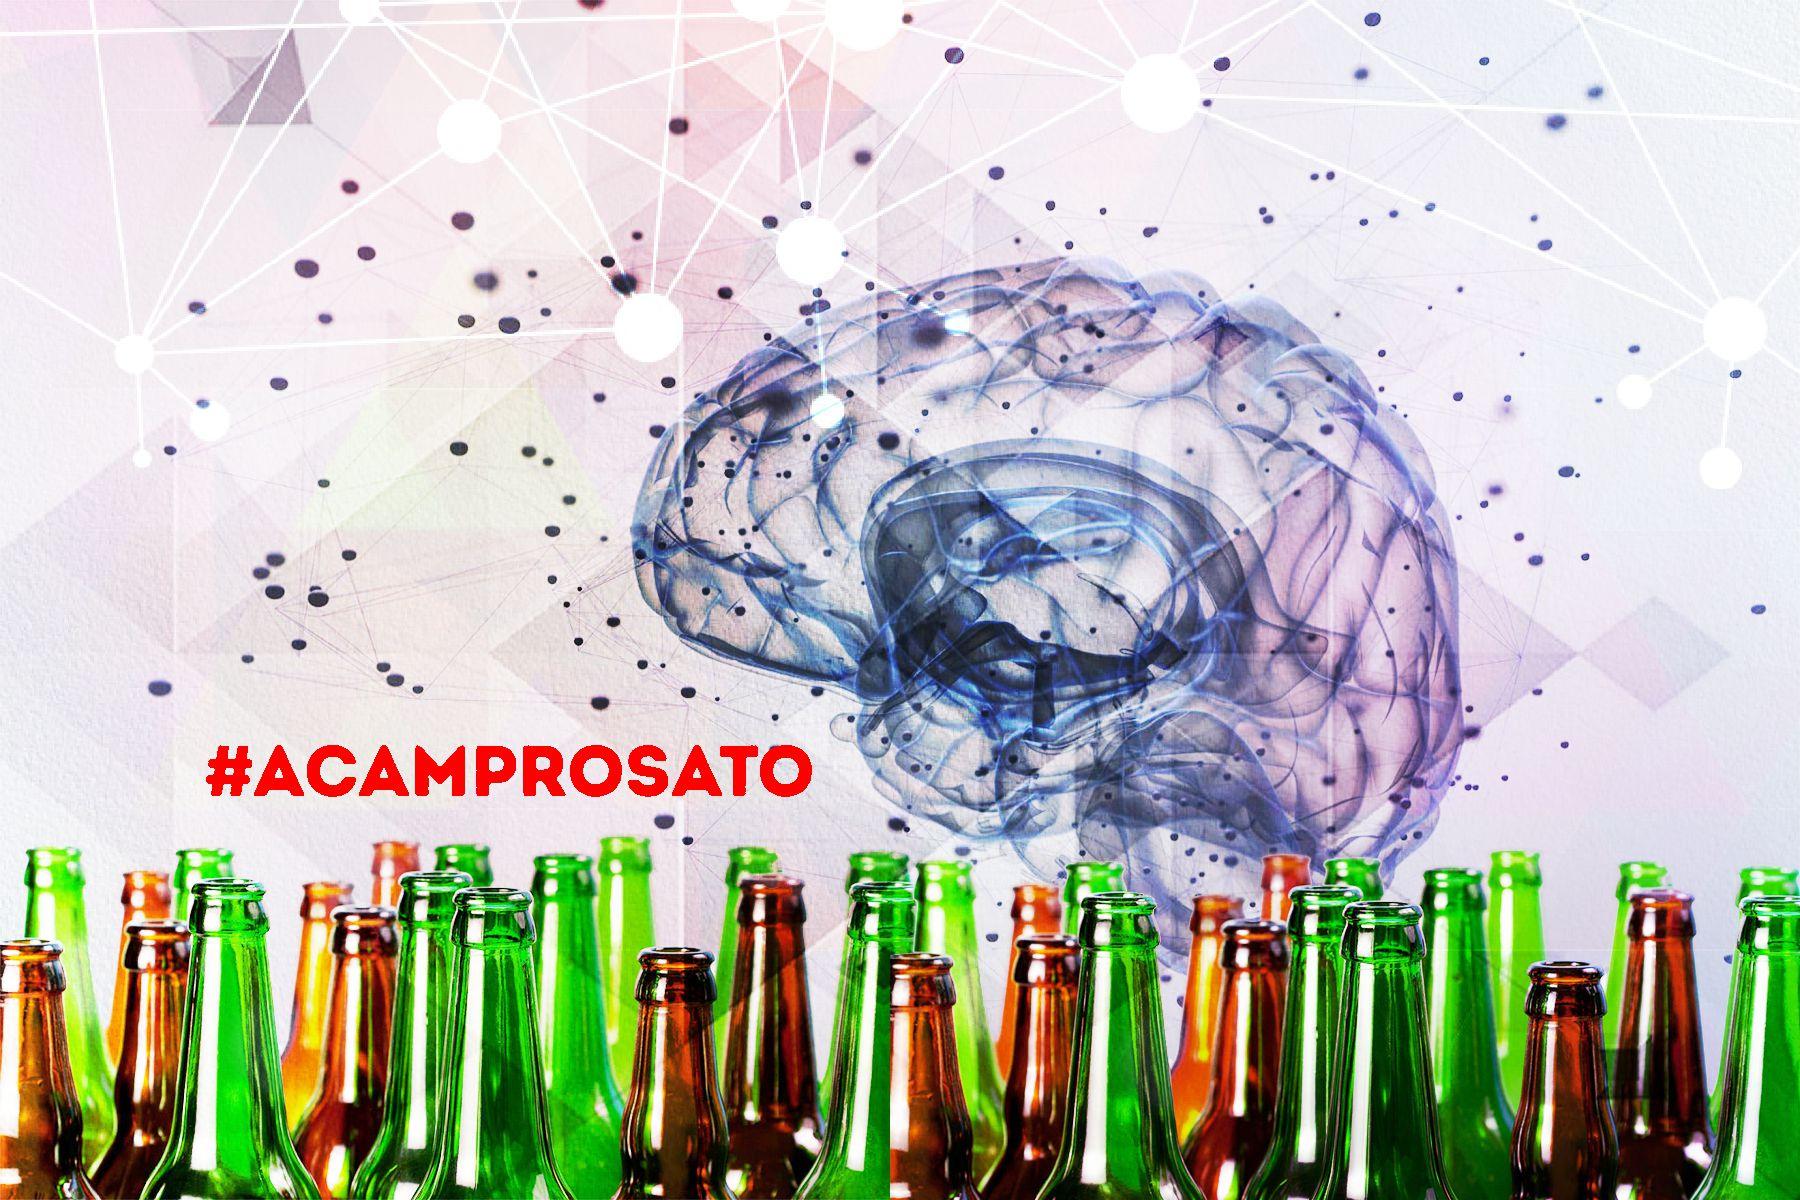 Gocce Colm di dipendenza alcolica